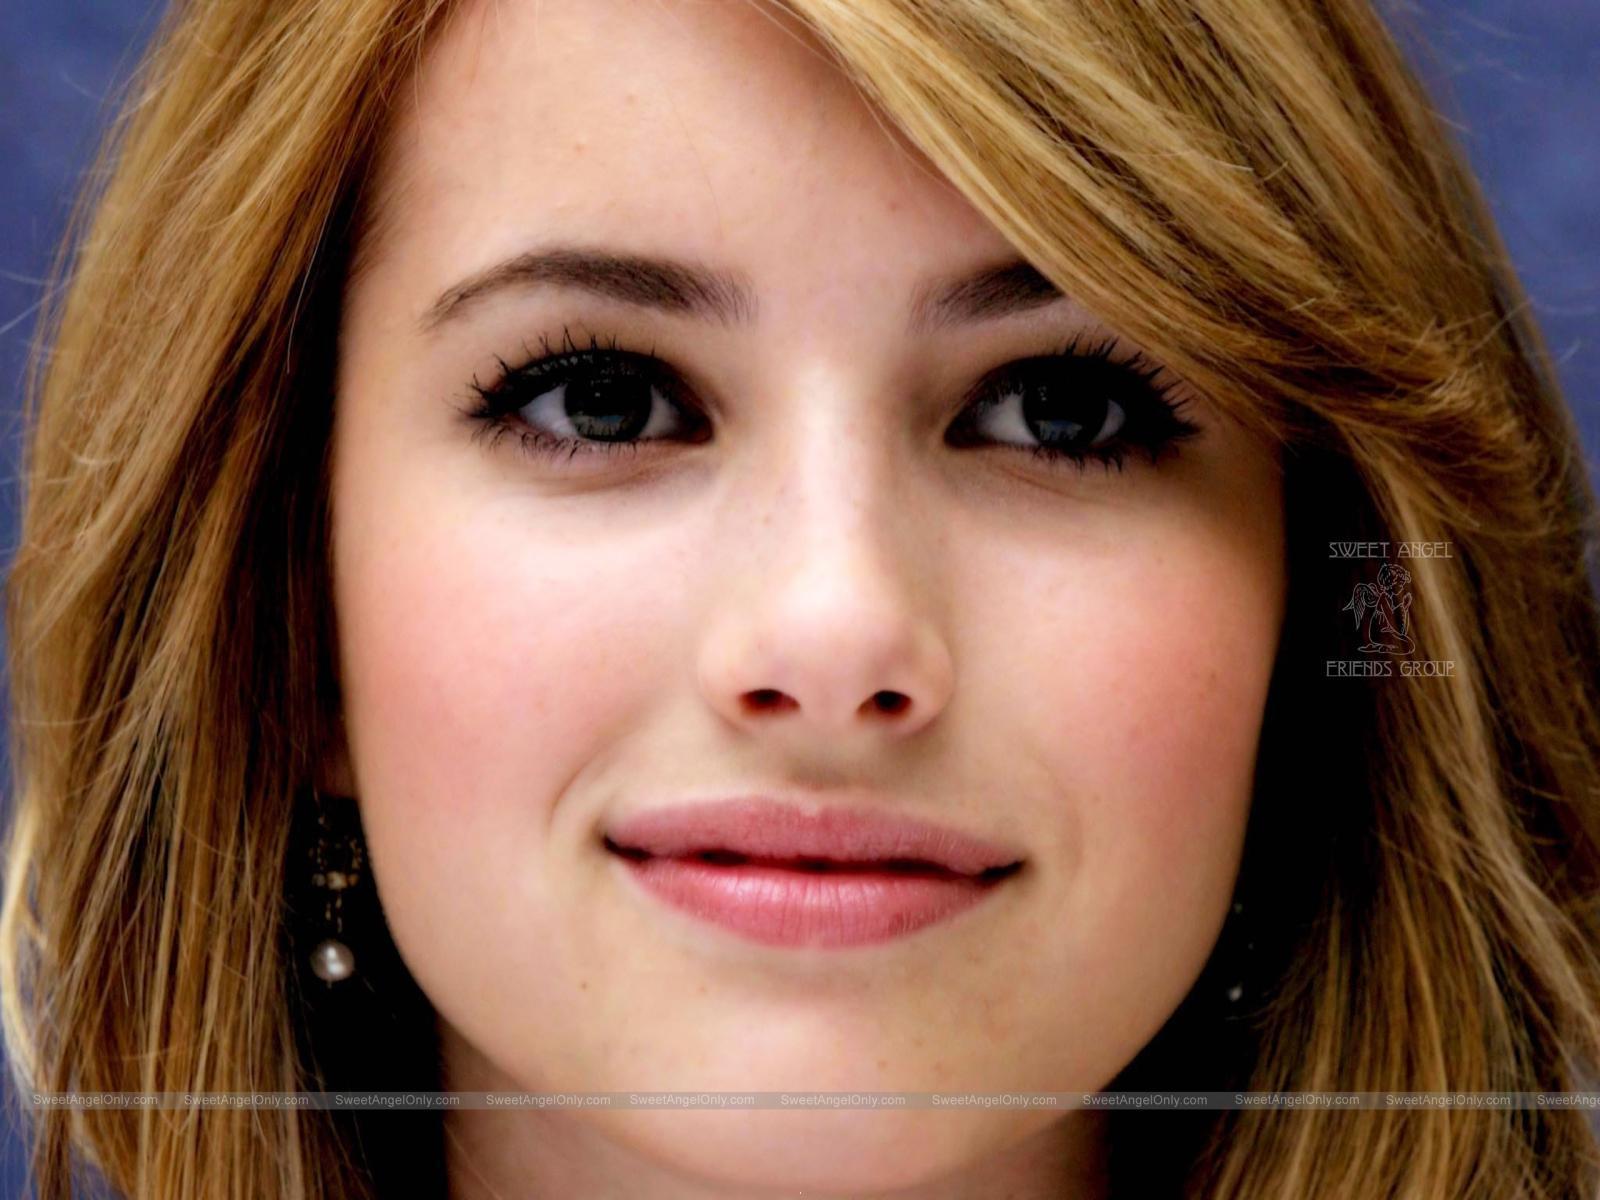 http://1.bp.blogspot.com/-PwMq3WOePDI/TlPUTuPRoBI/AAAAAAAAJfY/a9dyZknBSH8/s1600/Emma_Roberts_hd.jpg